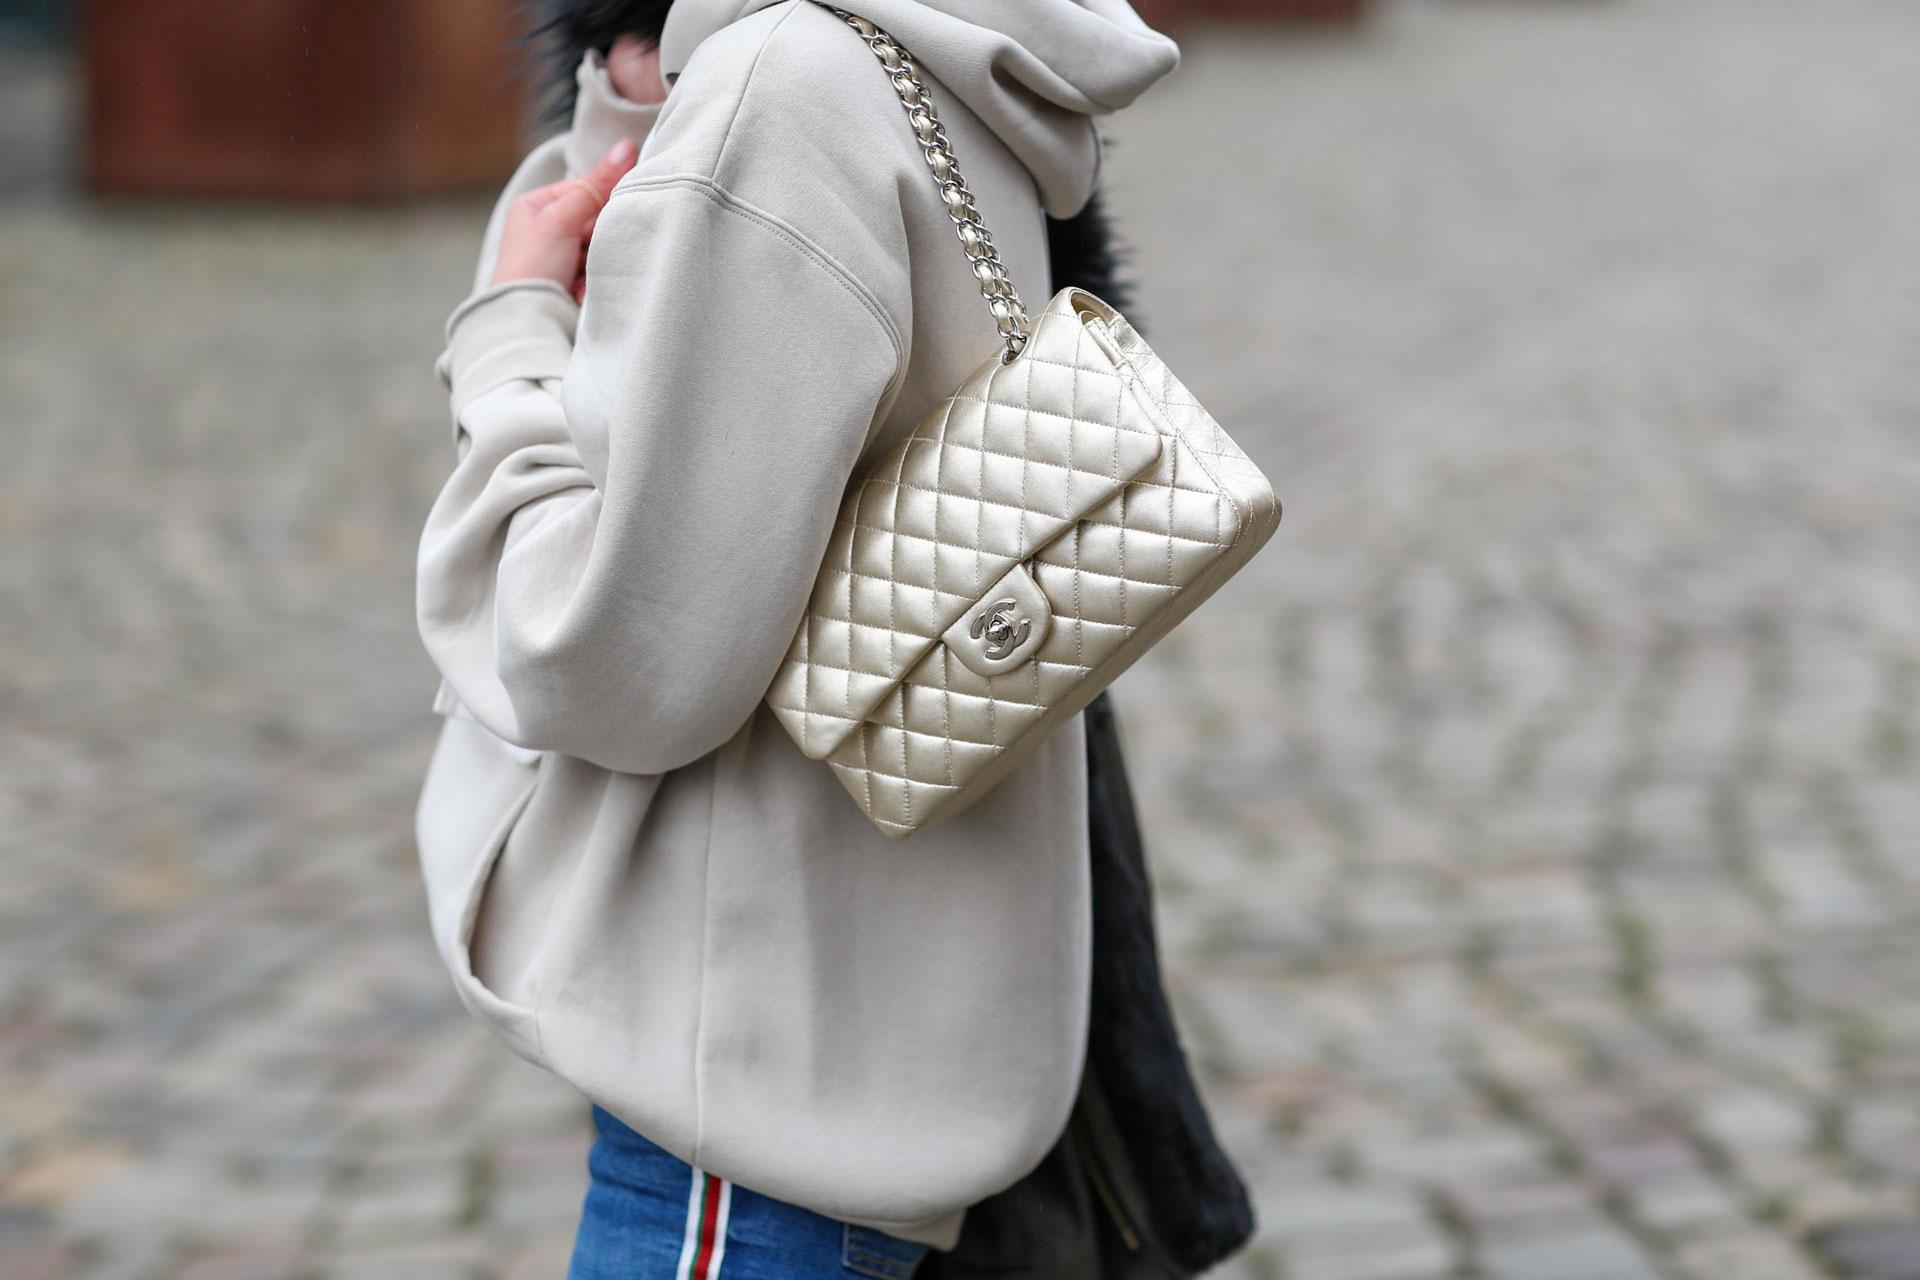 luxussachen-com-0192